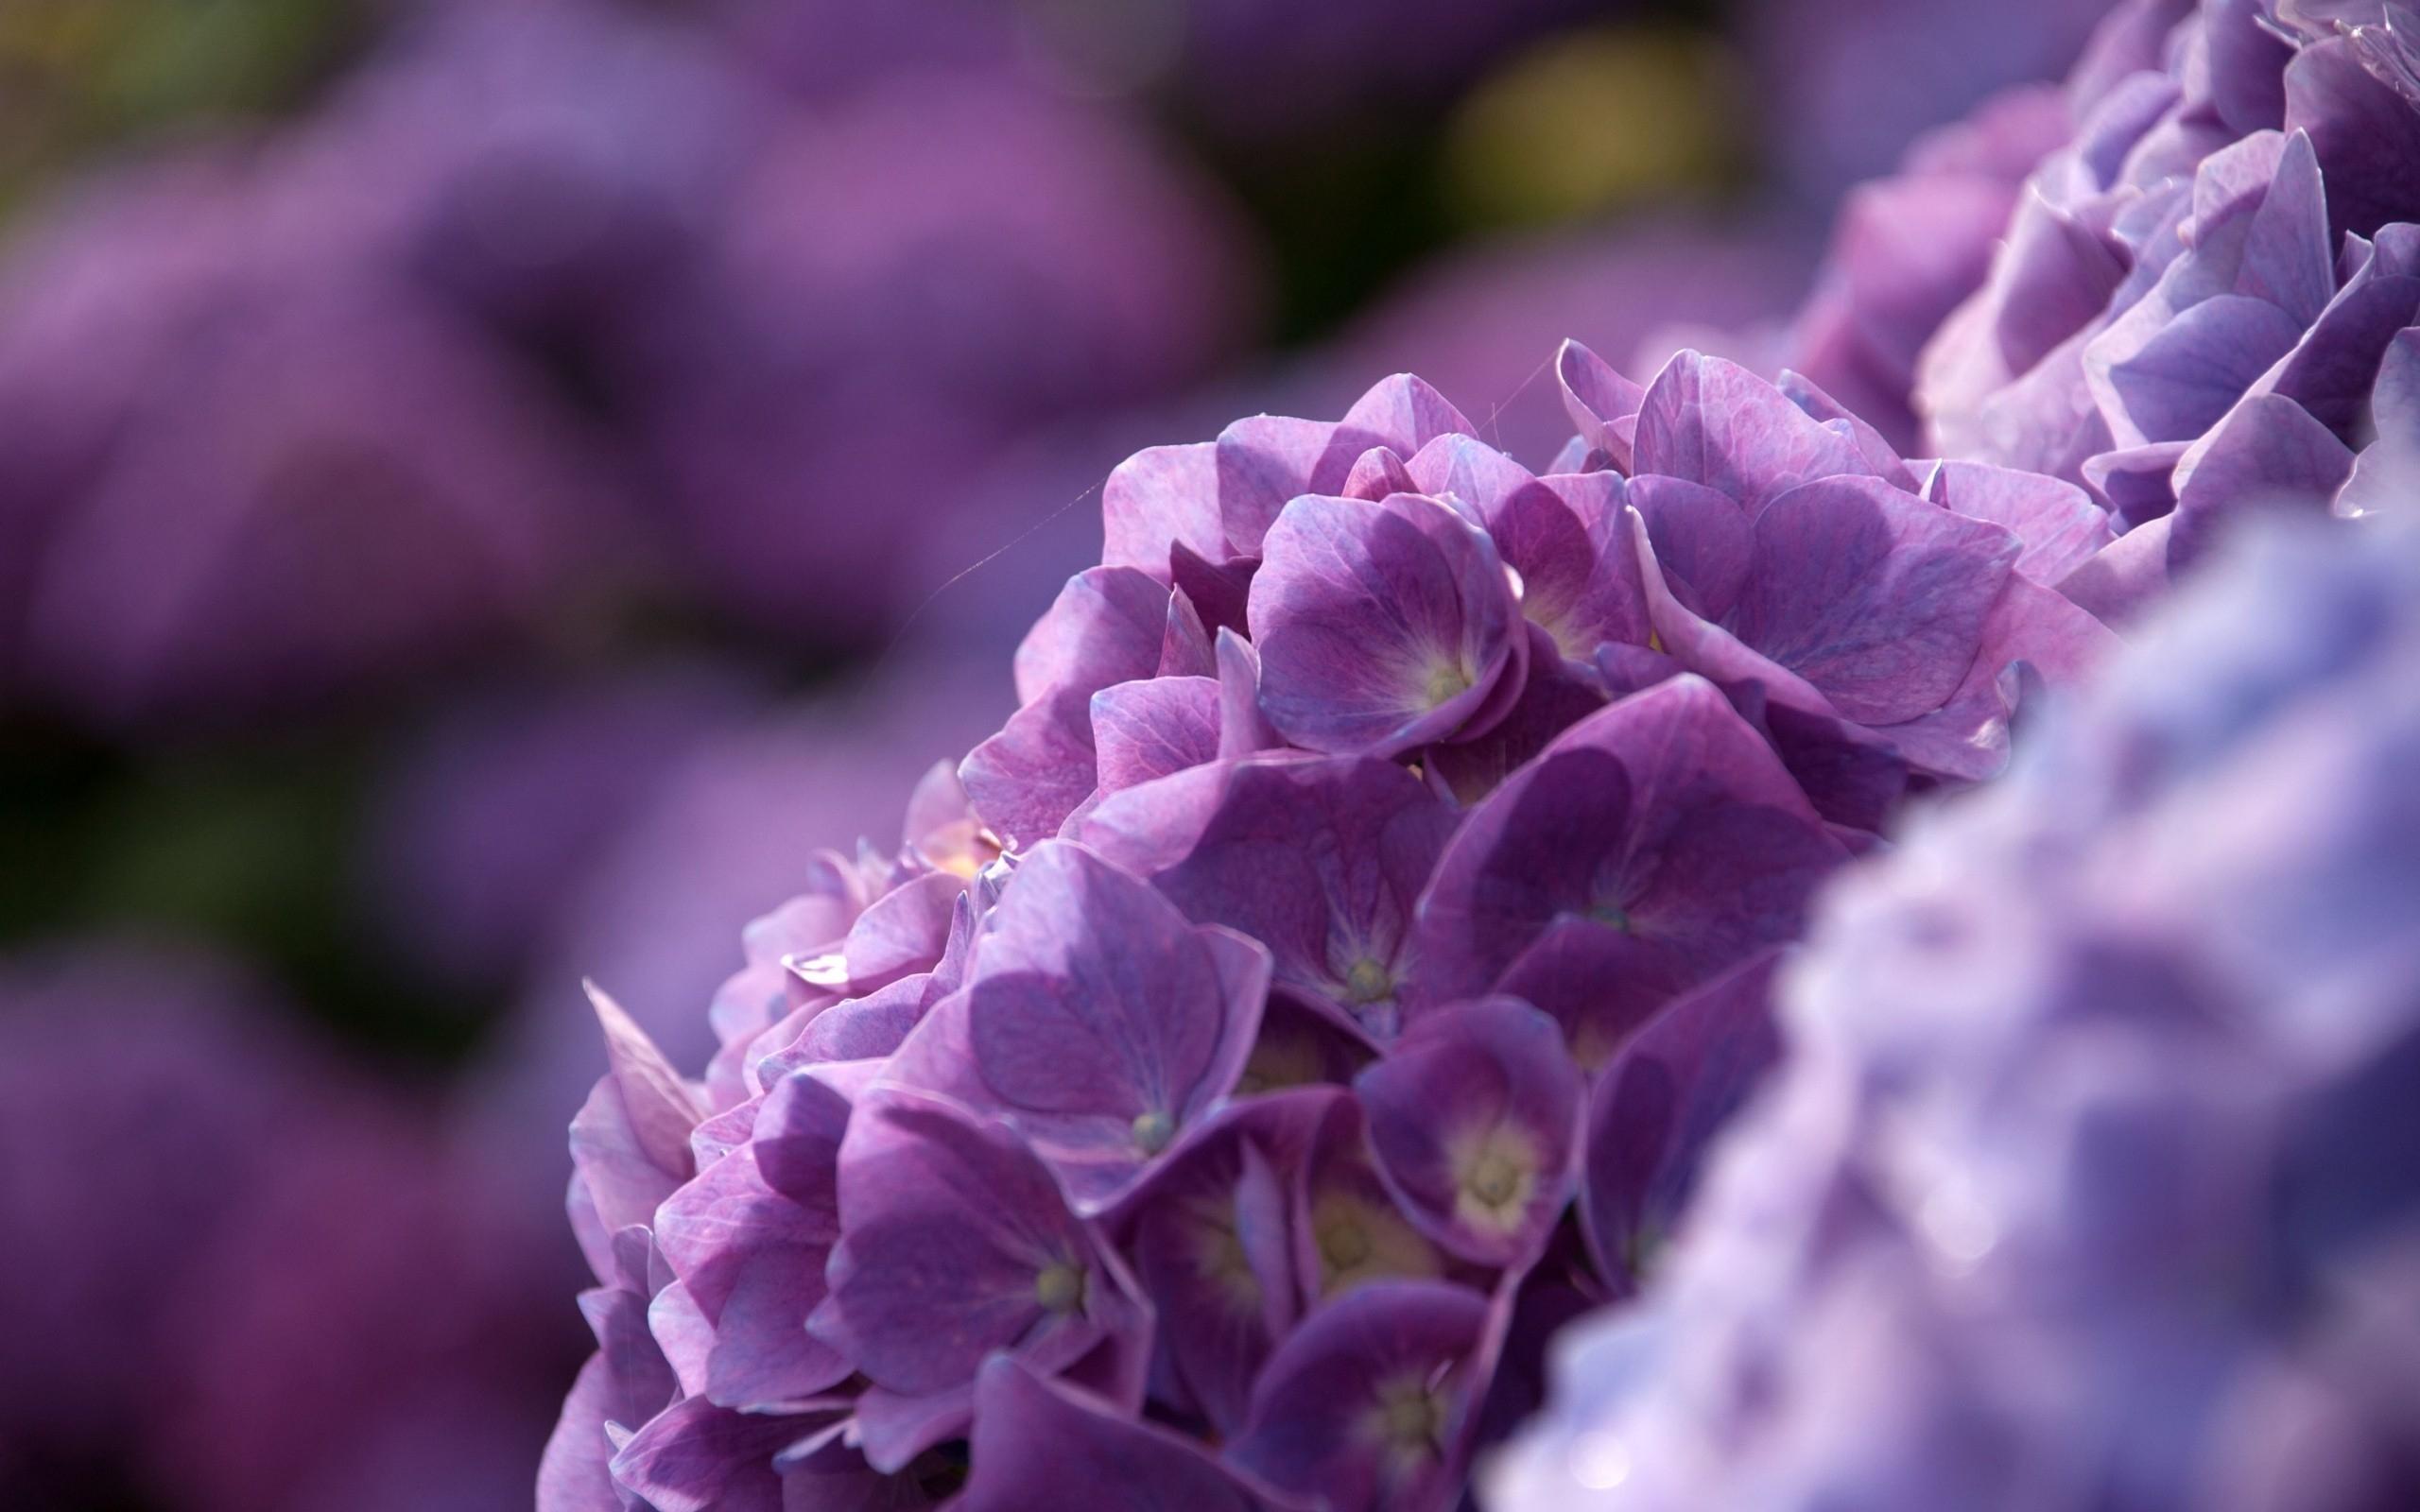 фото с фиолетовым оттенком времена